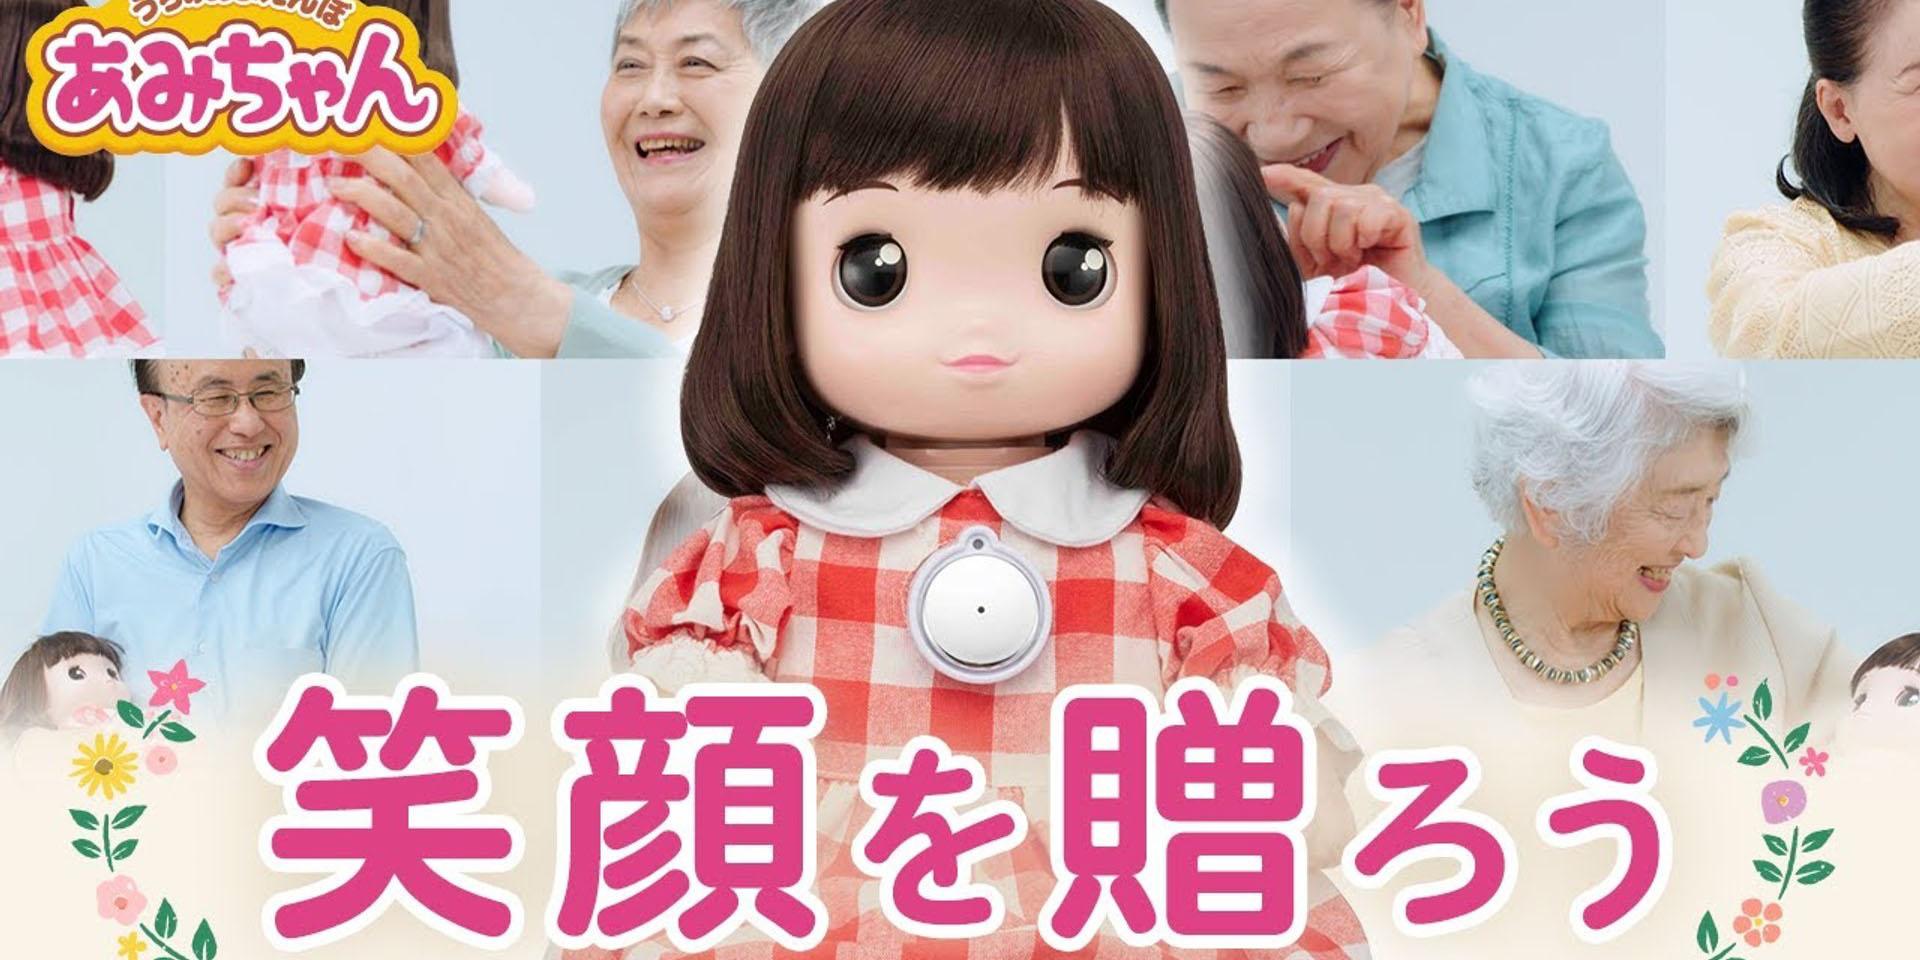 Japón creó robots nietos que acompañen a abuelitos por baja natalidad | El Imparcial de Oaxaca